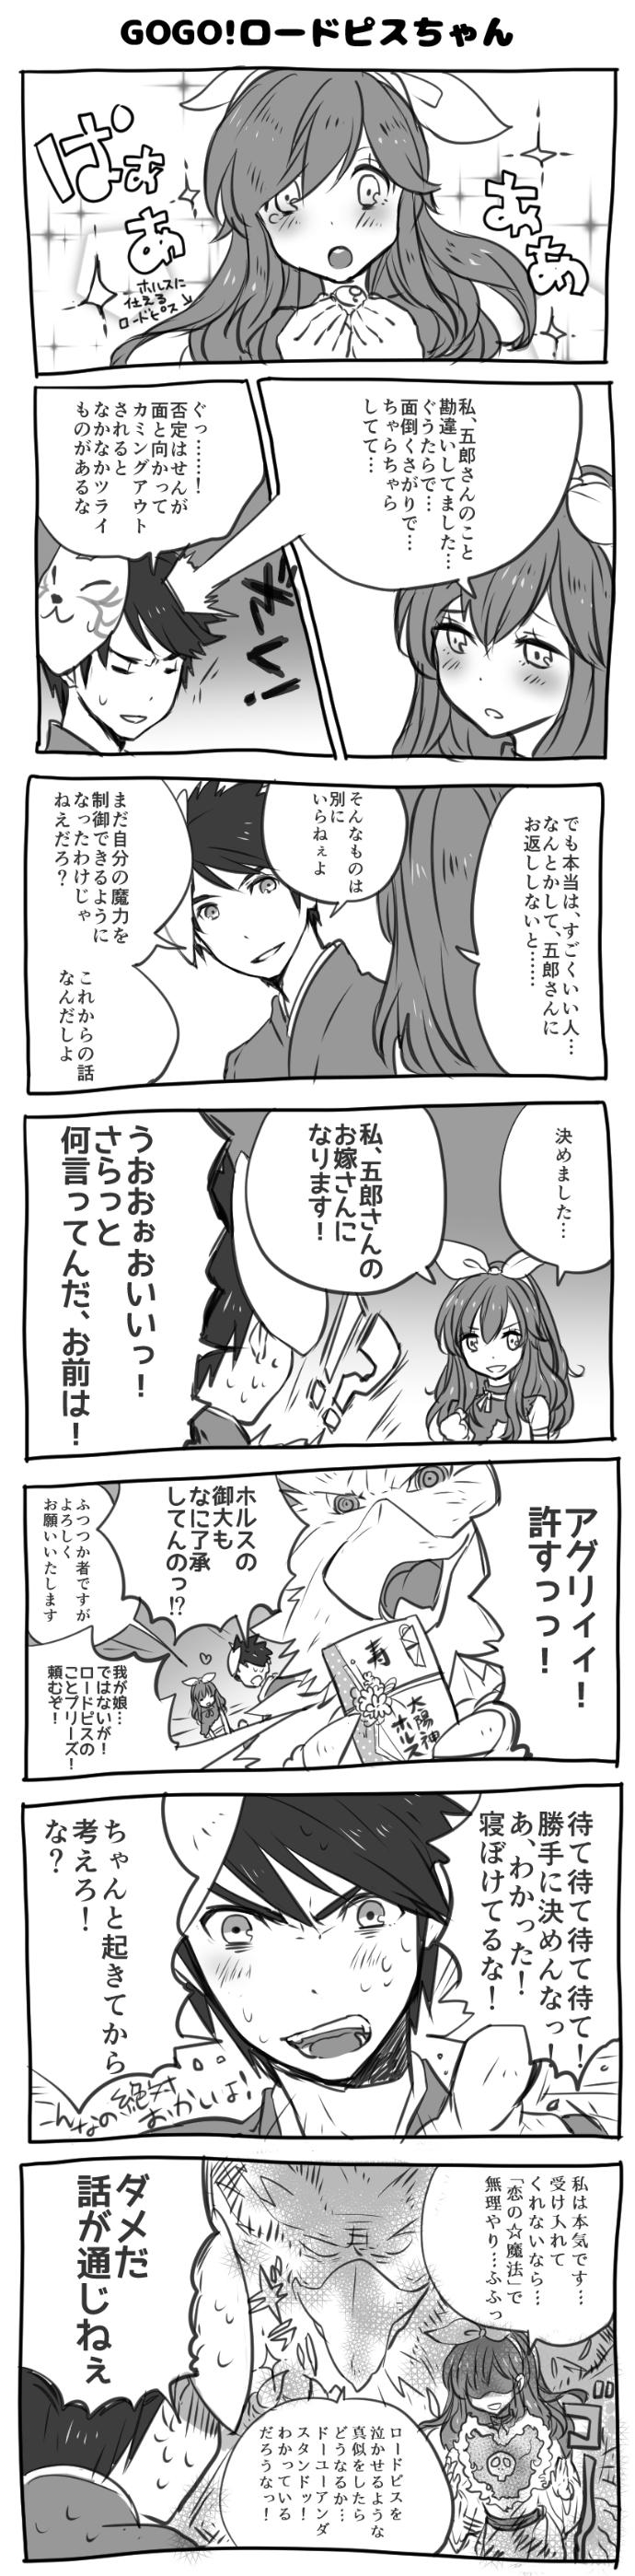 GOGO!ロードピスちゃん